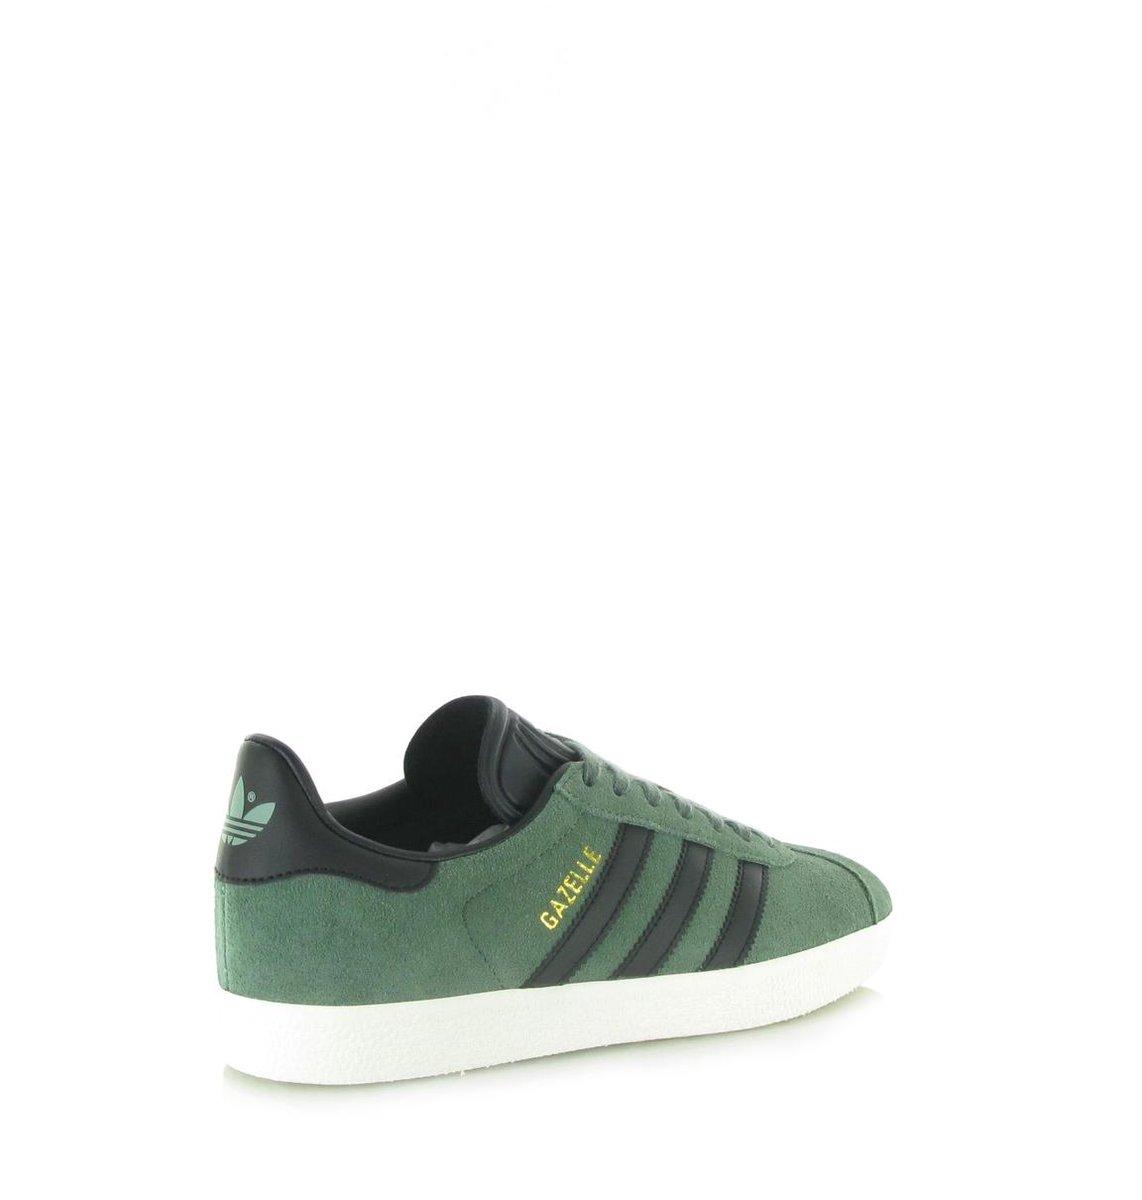 bol.com   Adidas GAZELLE Groen